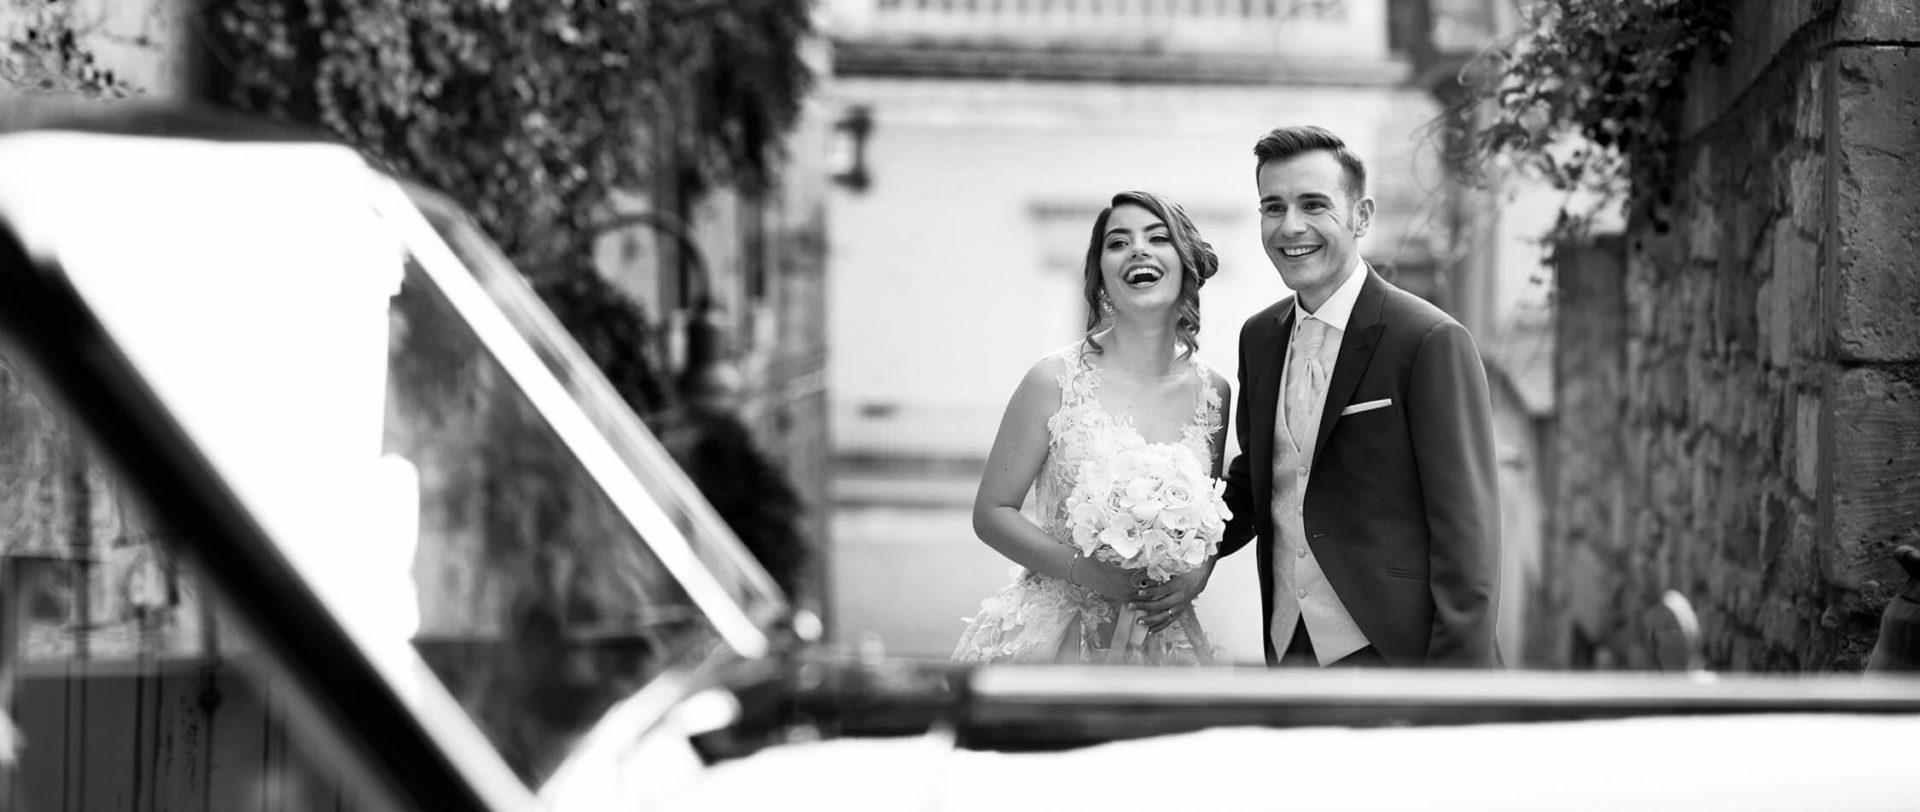 Sposi sorridenti, foto bianco e nero per matrimonio di Nino Lombardo